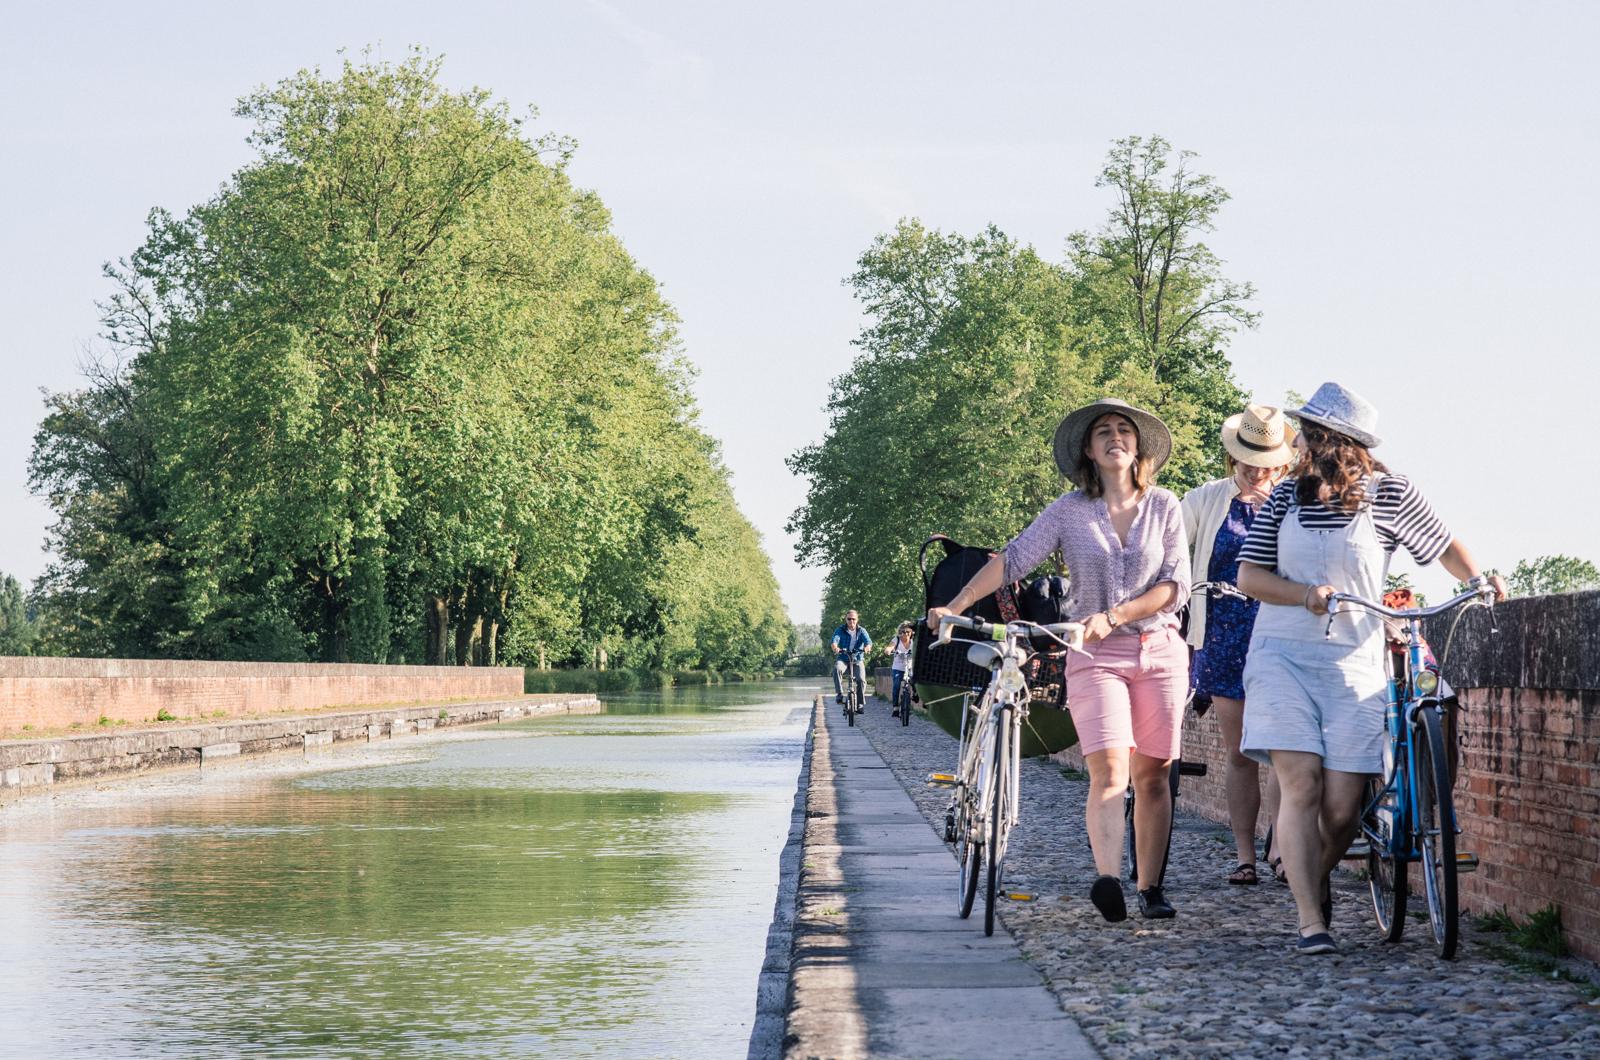 Randonnée à vélo le long du canal du midi - Carnet de voyage Tarn-et-Garonne